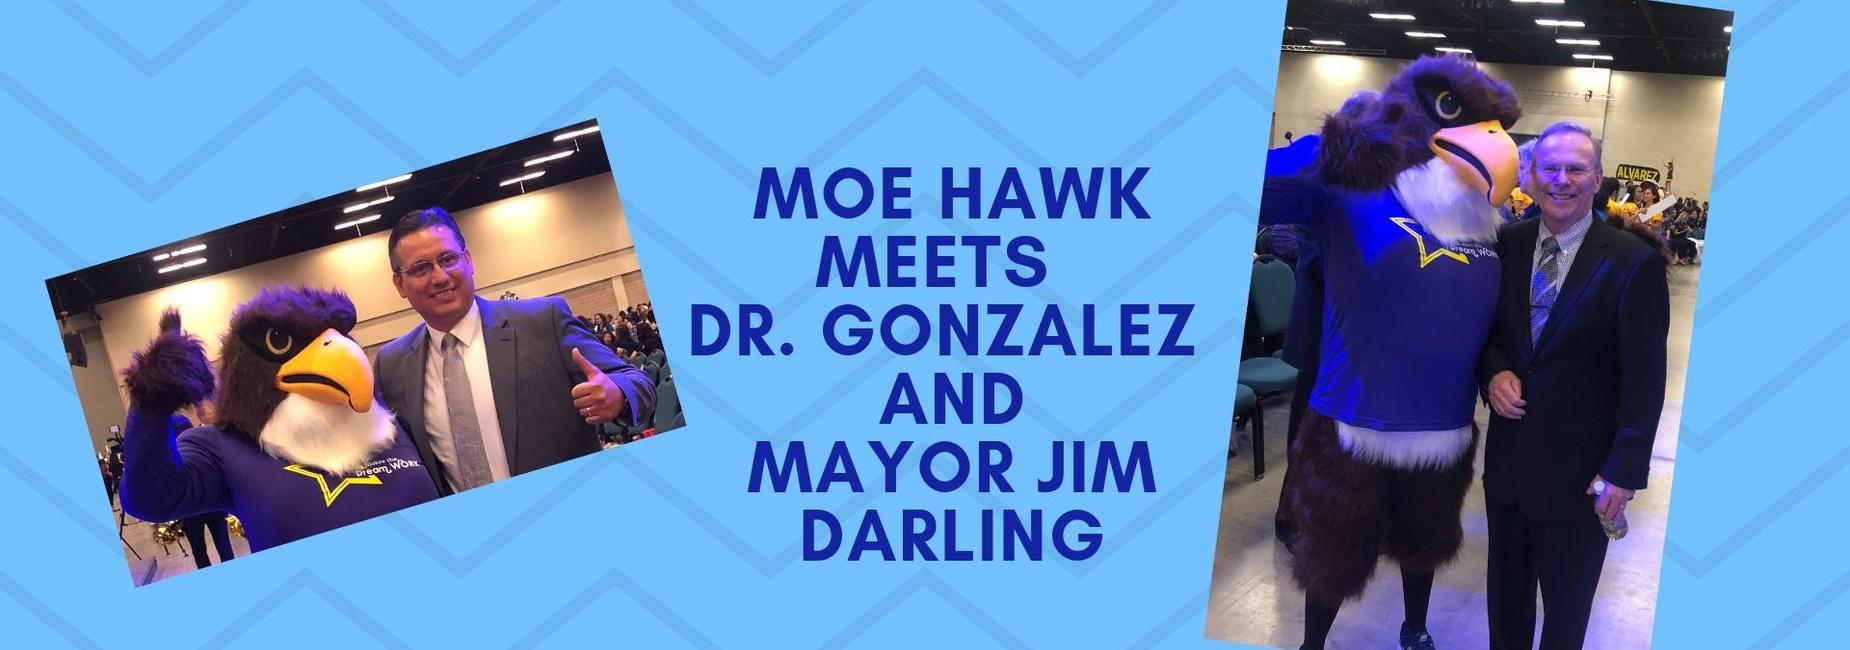 Moe Hawk